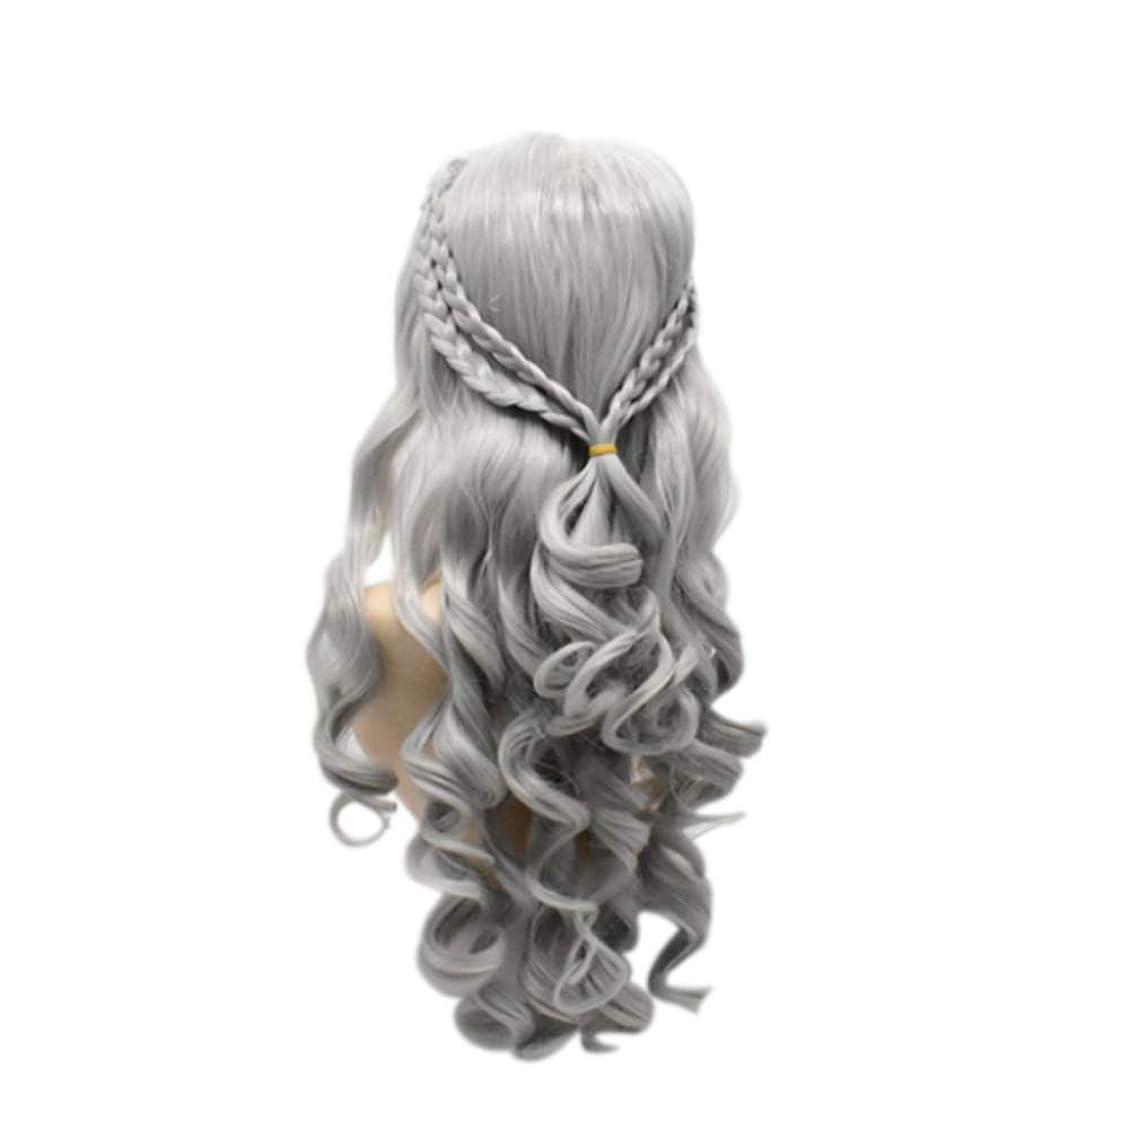 本質的ではないオーバーコート再生可能女性のための長い巻き毛のかつら気質顔ハイエンドのかつら自然に見える耐熱合成ファッションかつらコスプレ,Metallic